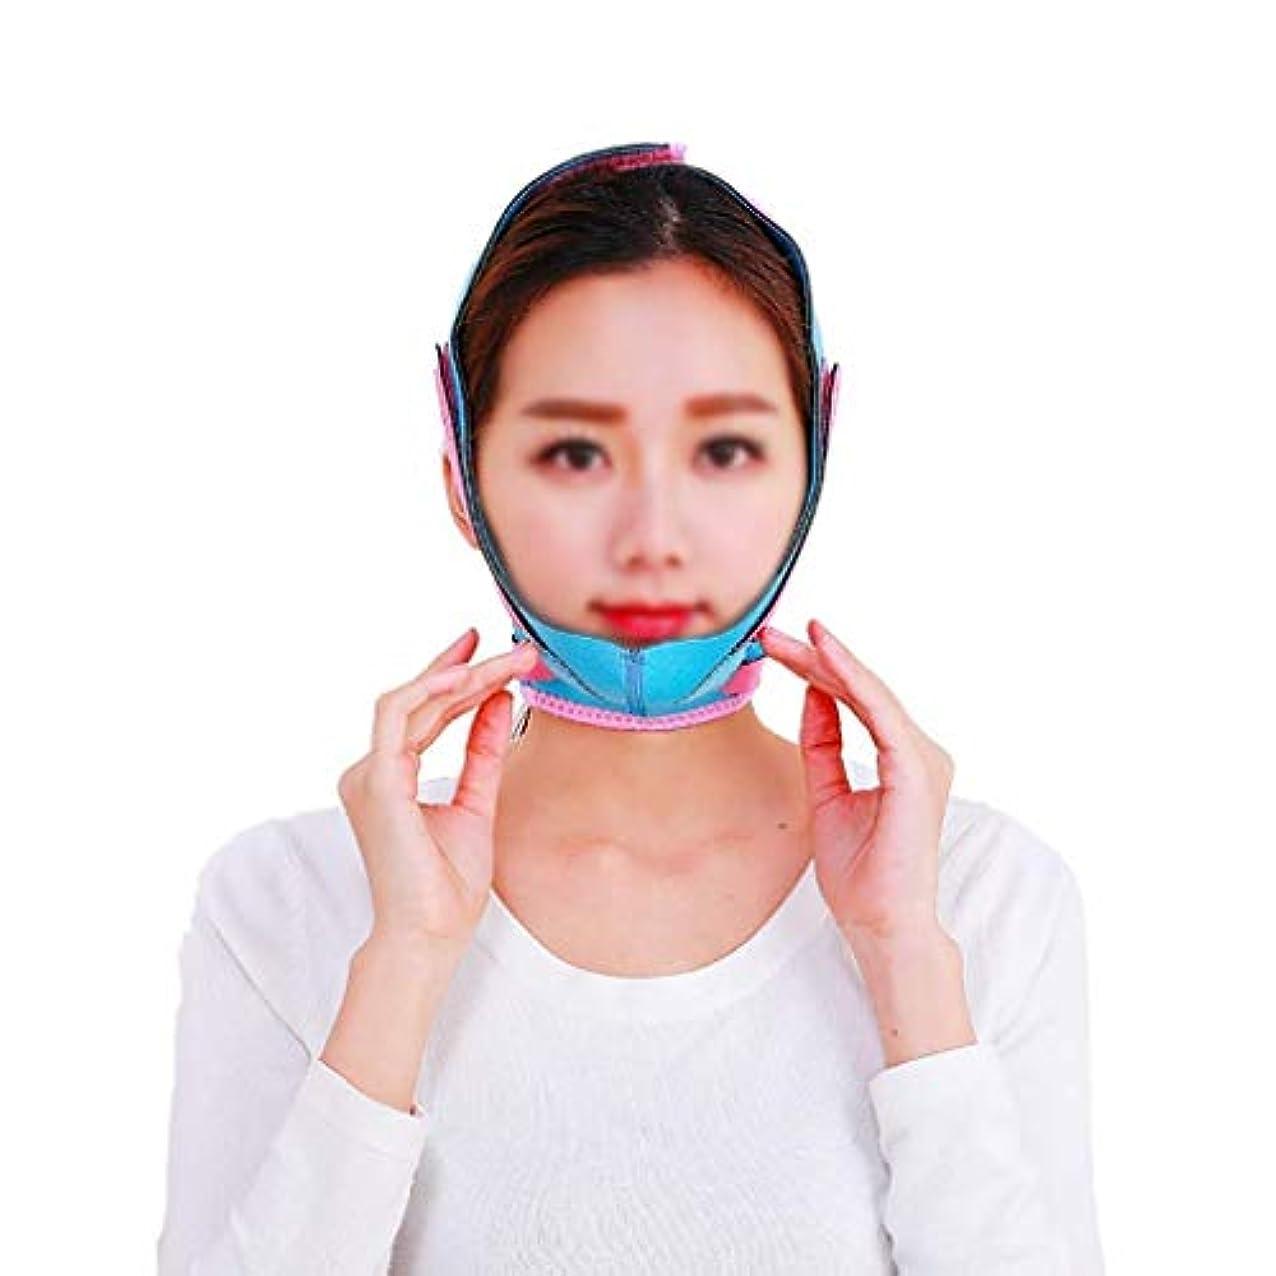 大臣すり減る原子顔と首のリフト、男性と女性のフェイスリフトアーティファクトシュリンクマスクを強化輪郭の救済ドループ筋肉引き締め肌弾性V顔包帯